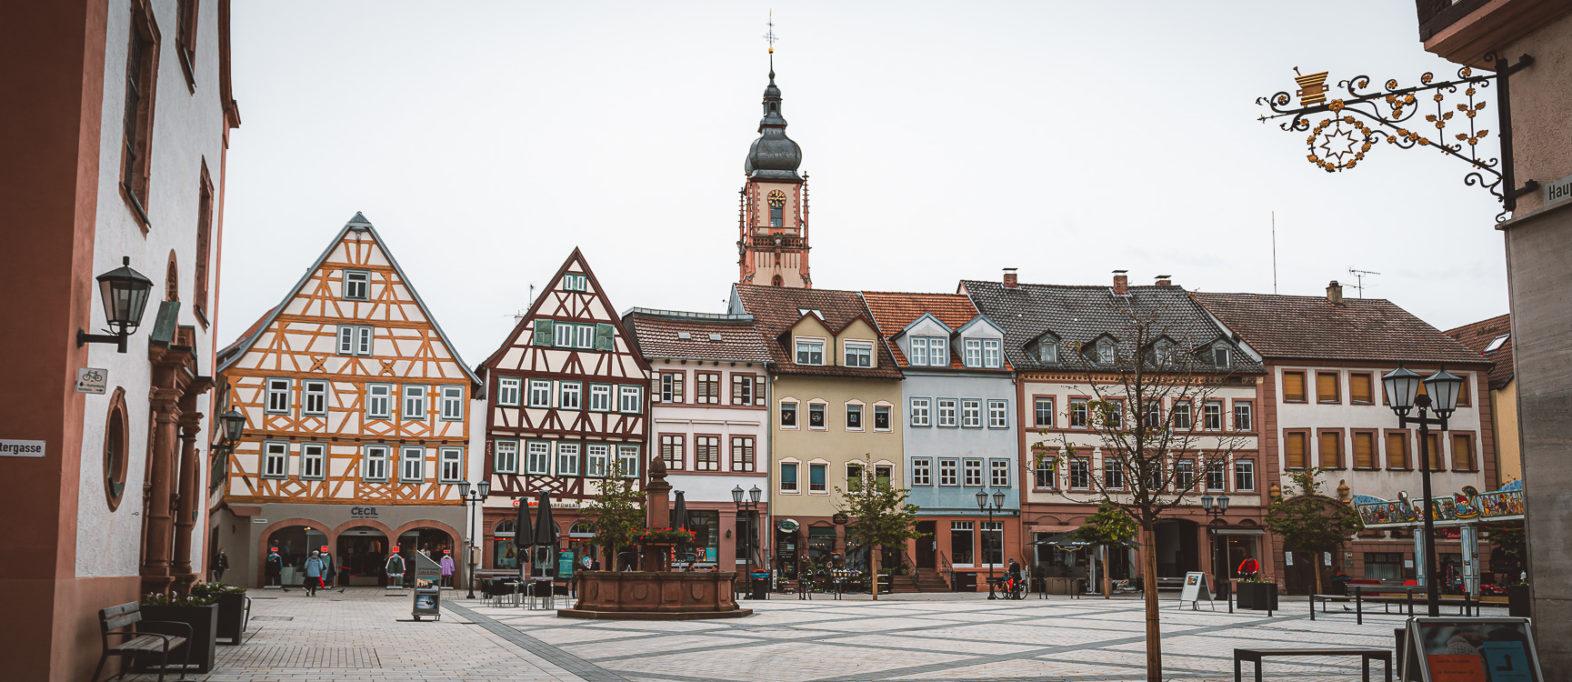 Marktplatz Tauberbischofsheim Sehenswürdigkeiten im Taubertal